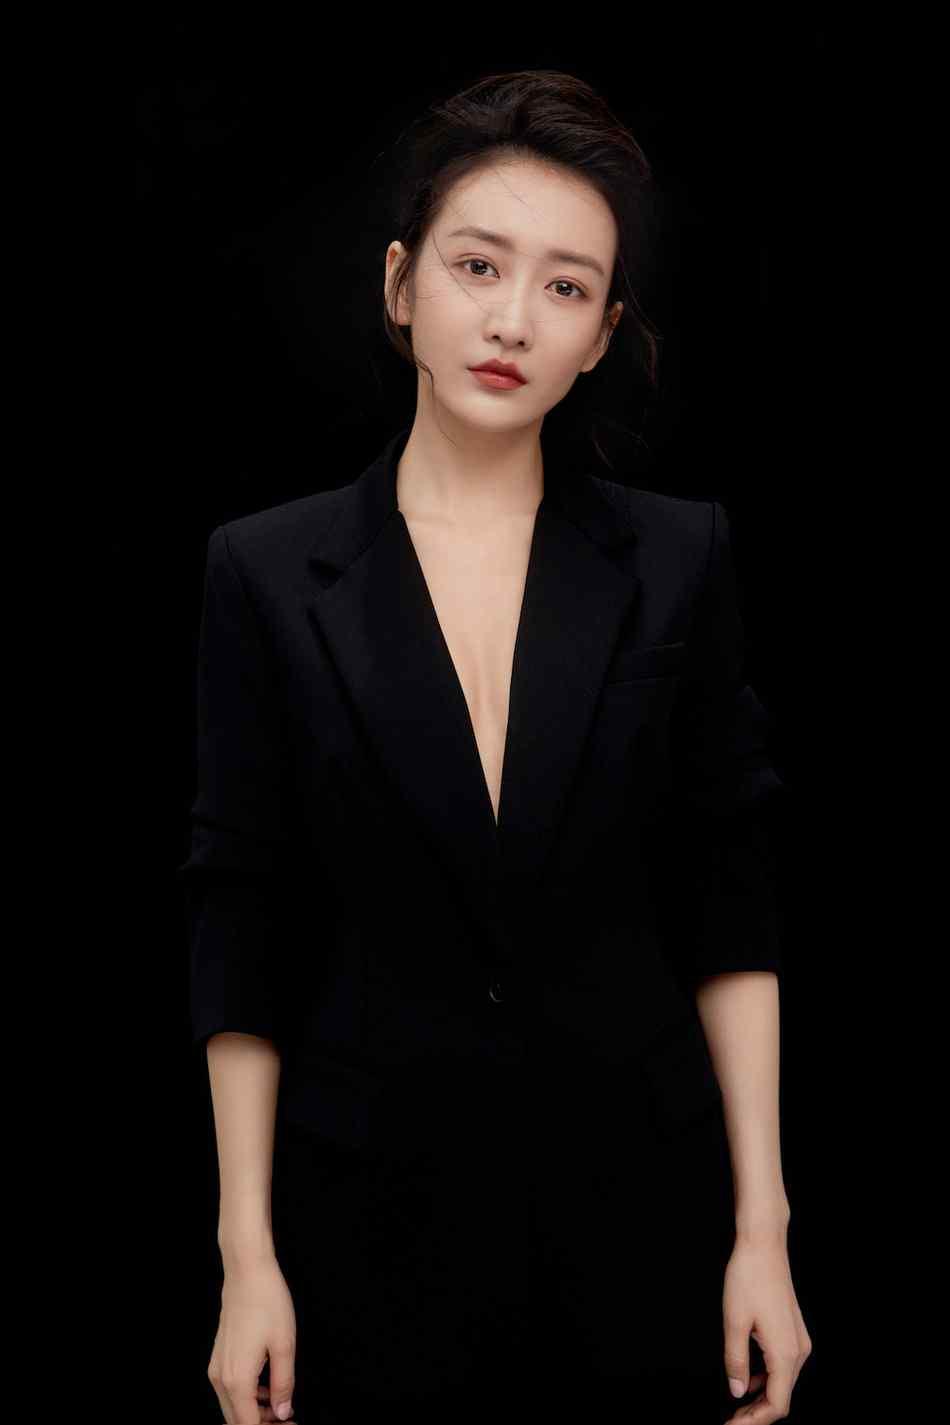 王鸥黑色西装干练御姐范高清写真